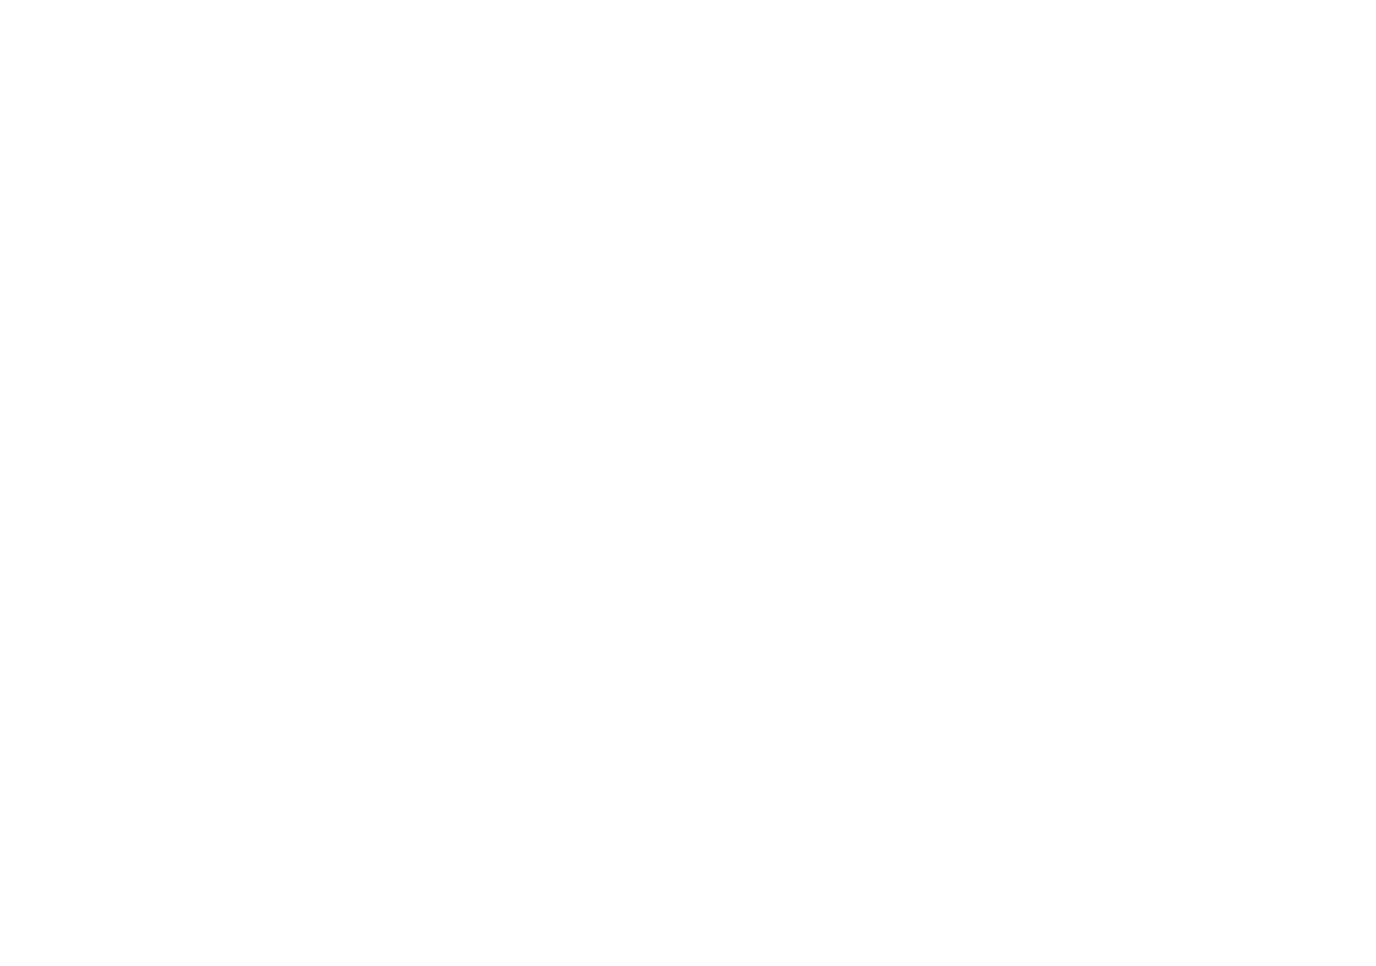 PHC logo cropped white